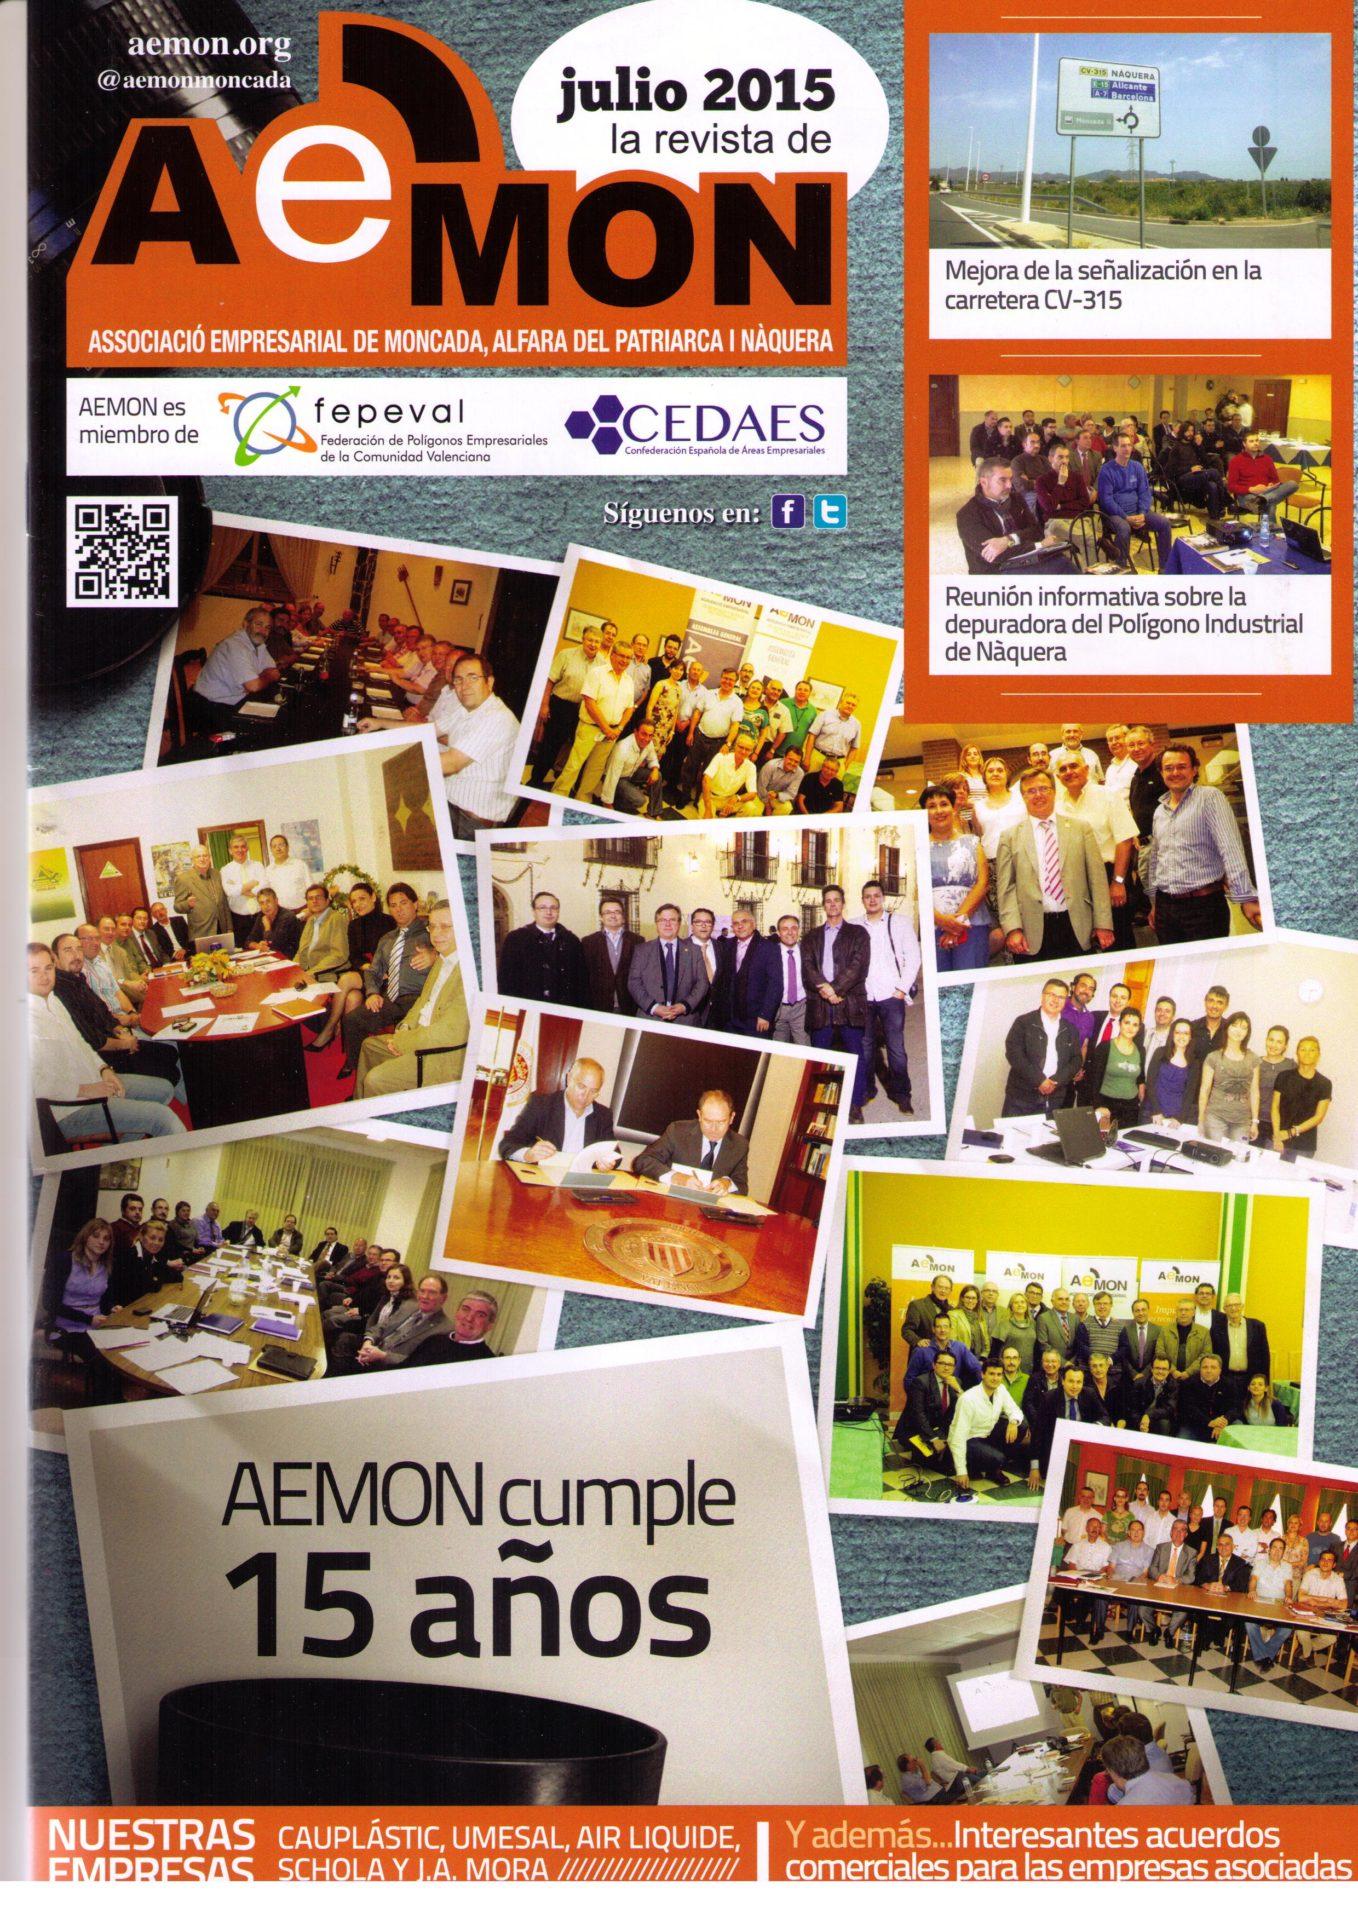 12ª edición de la revista de la Associació Empresarial de Moncada, Alfara del Patriarca i Nàquera (AEMON).